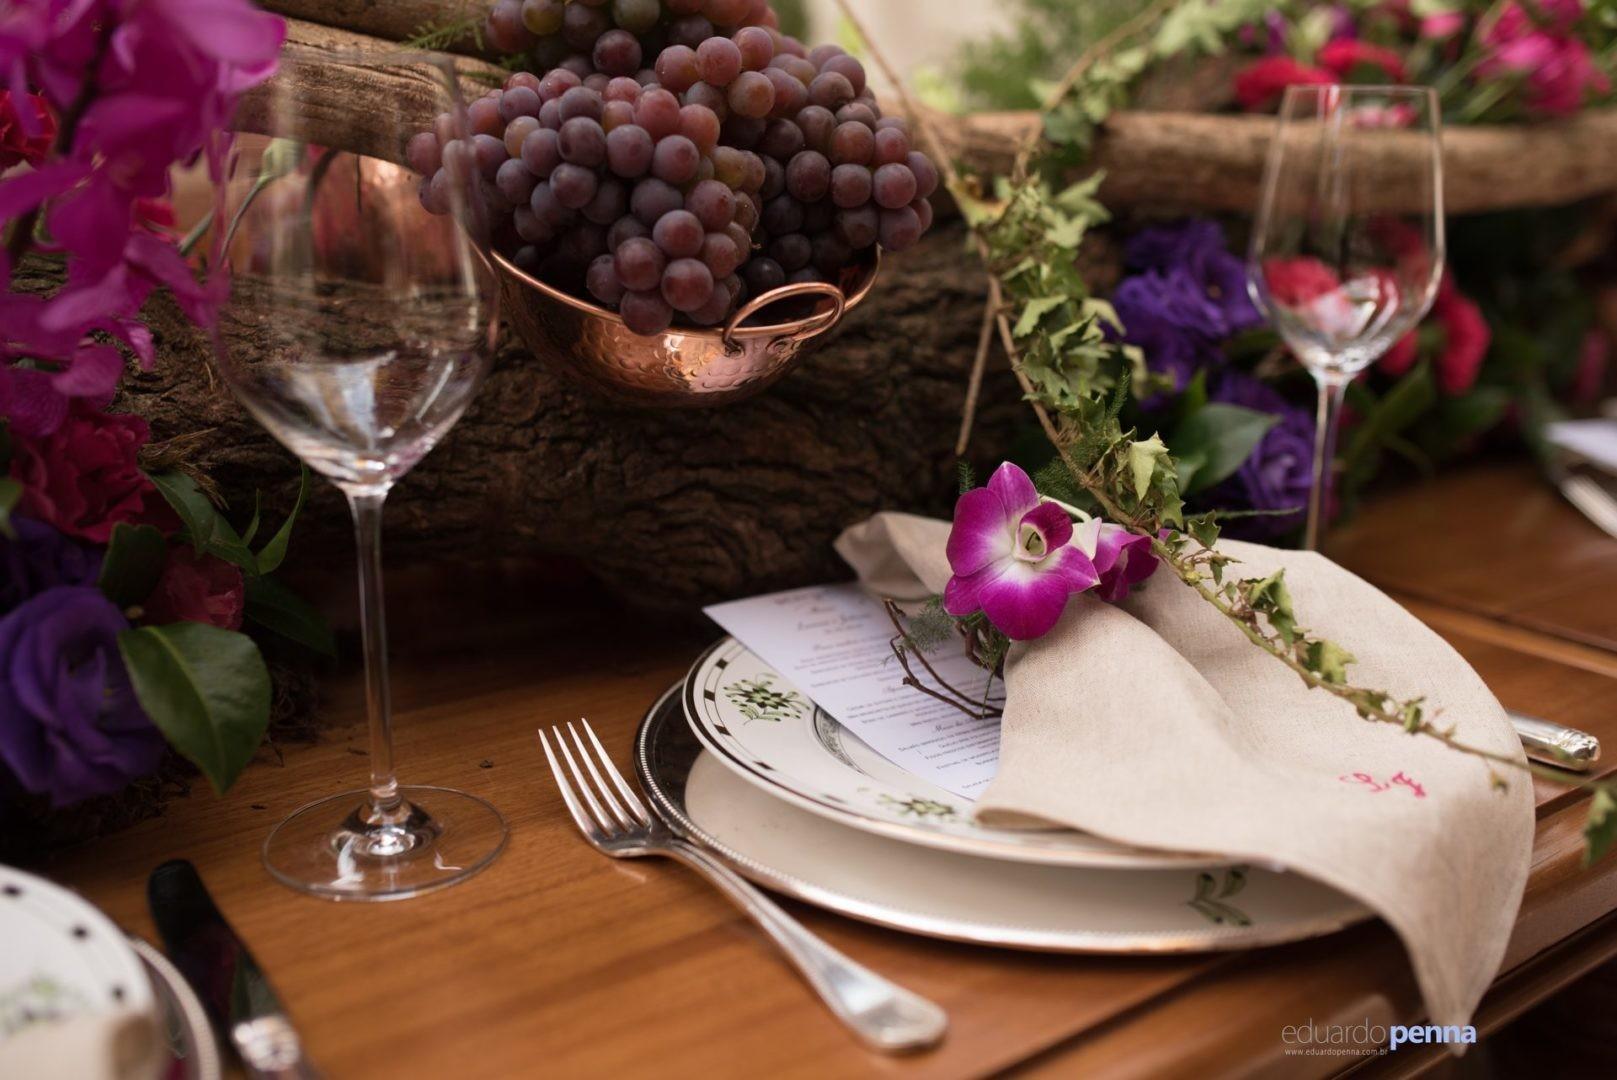 mesa decorada com guardanapos e uvas